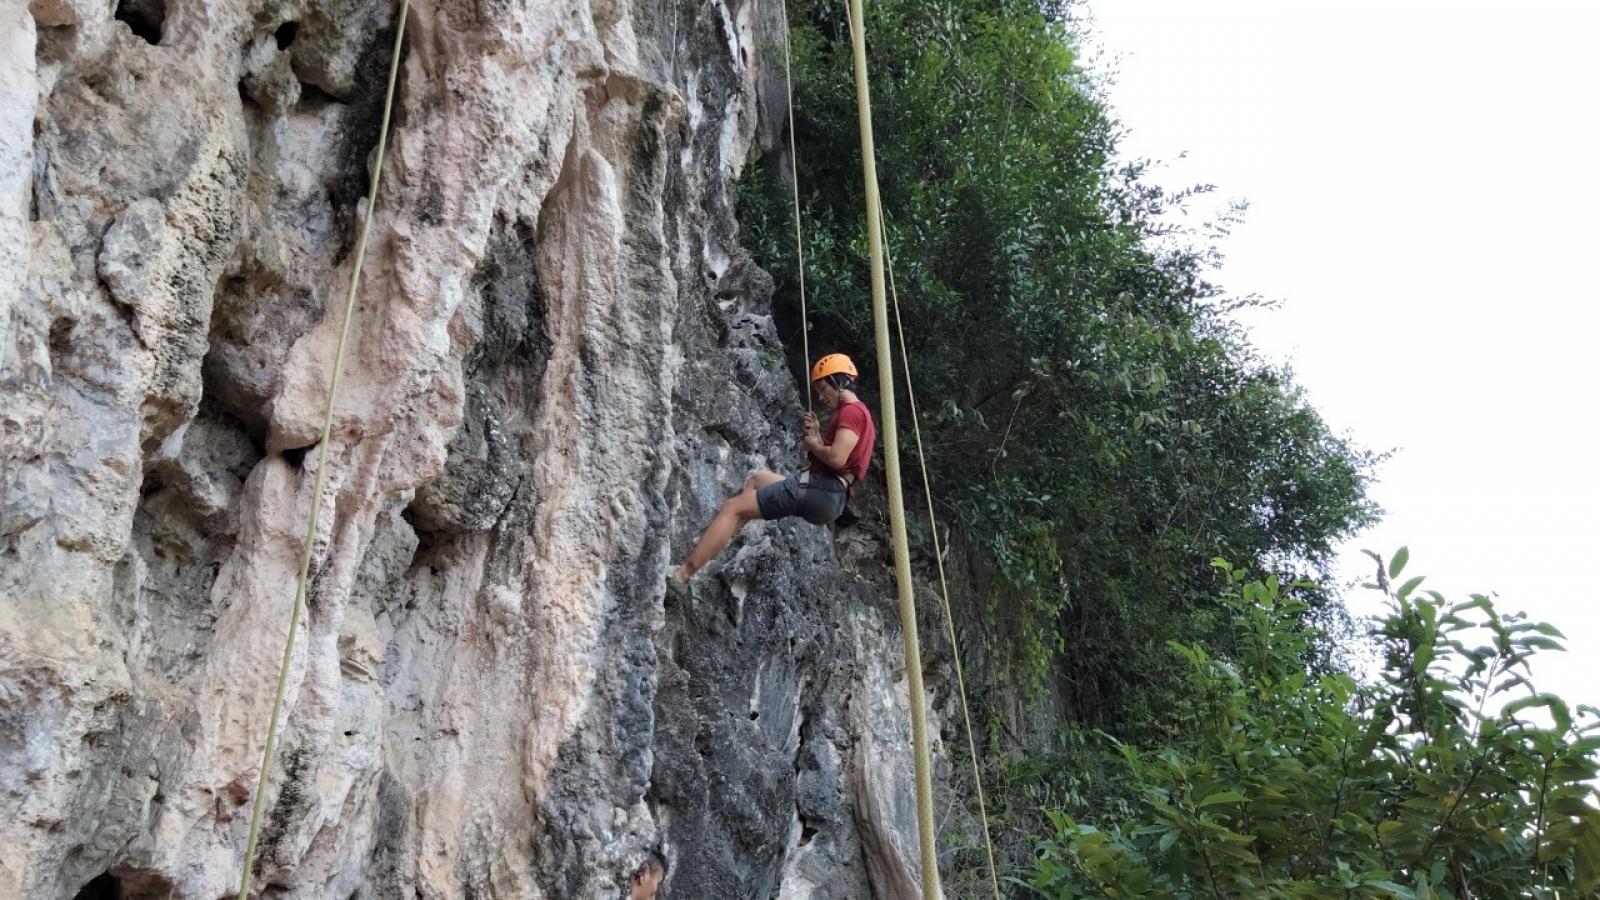 Lạng Sơn hấp dẫn du lịch cộng đồng và leo núi thể thao